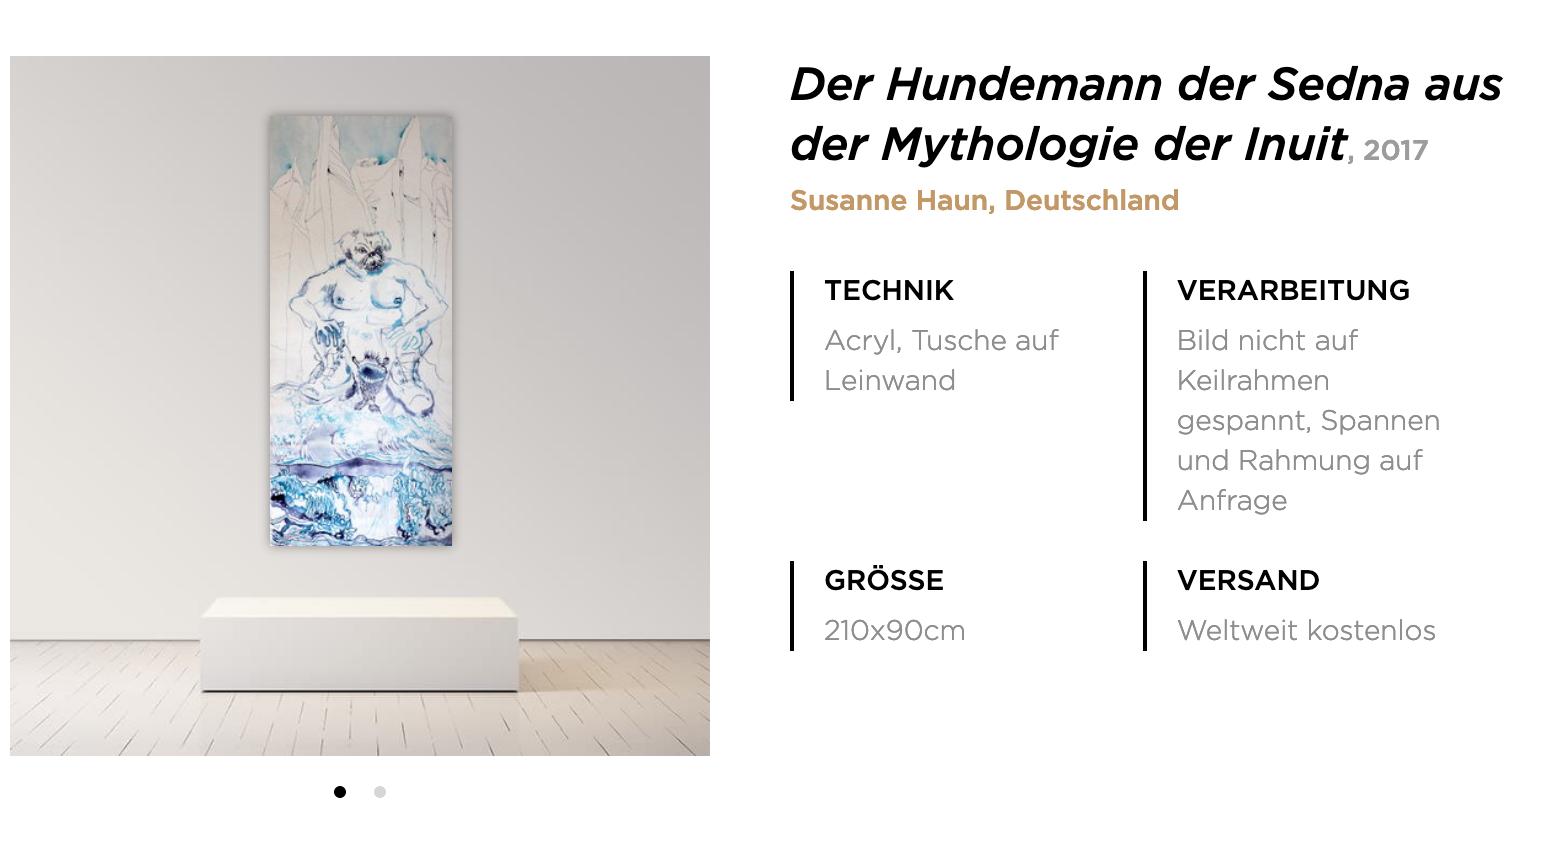 Präsentation der Leinwand Hundemann von Susanne Haun bei singulart